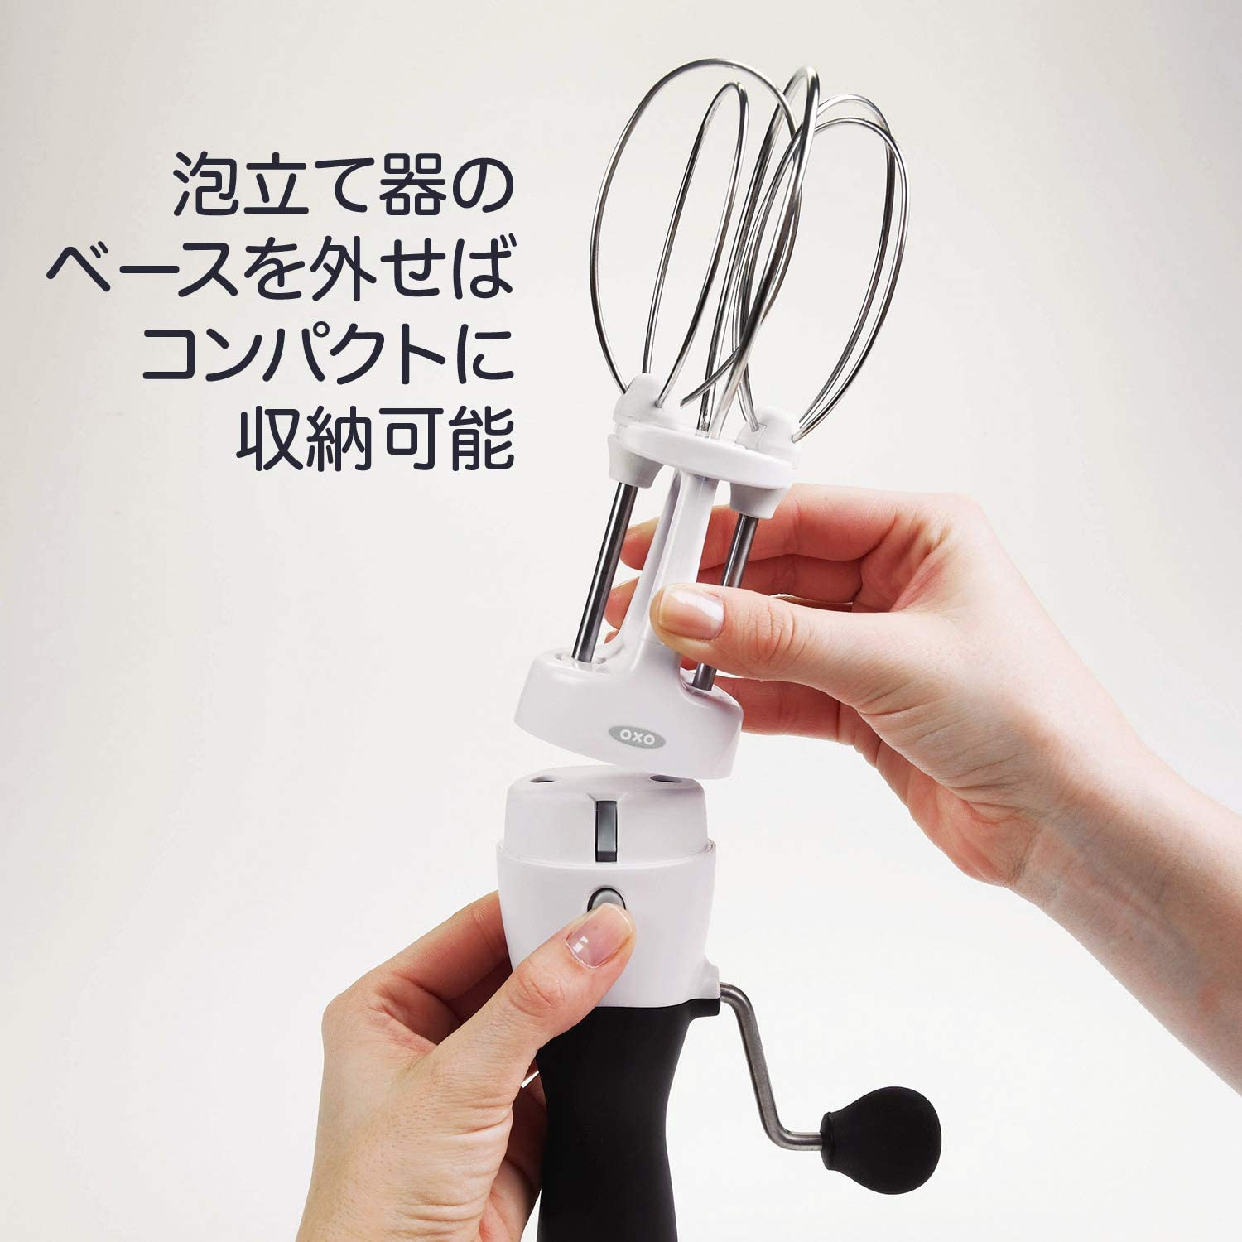 OXO(オクソー) エッグビーター 1126980 ブラックの商品画像6